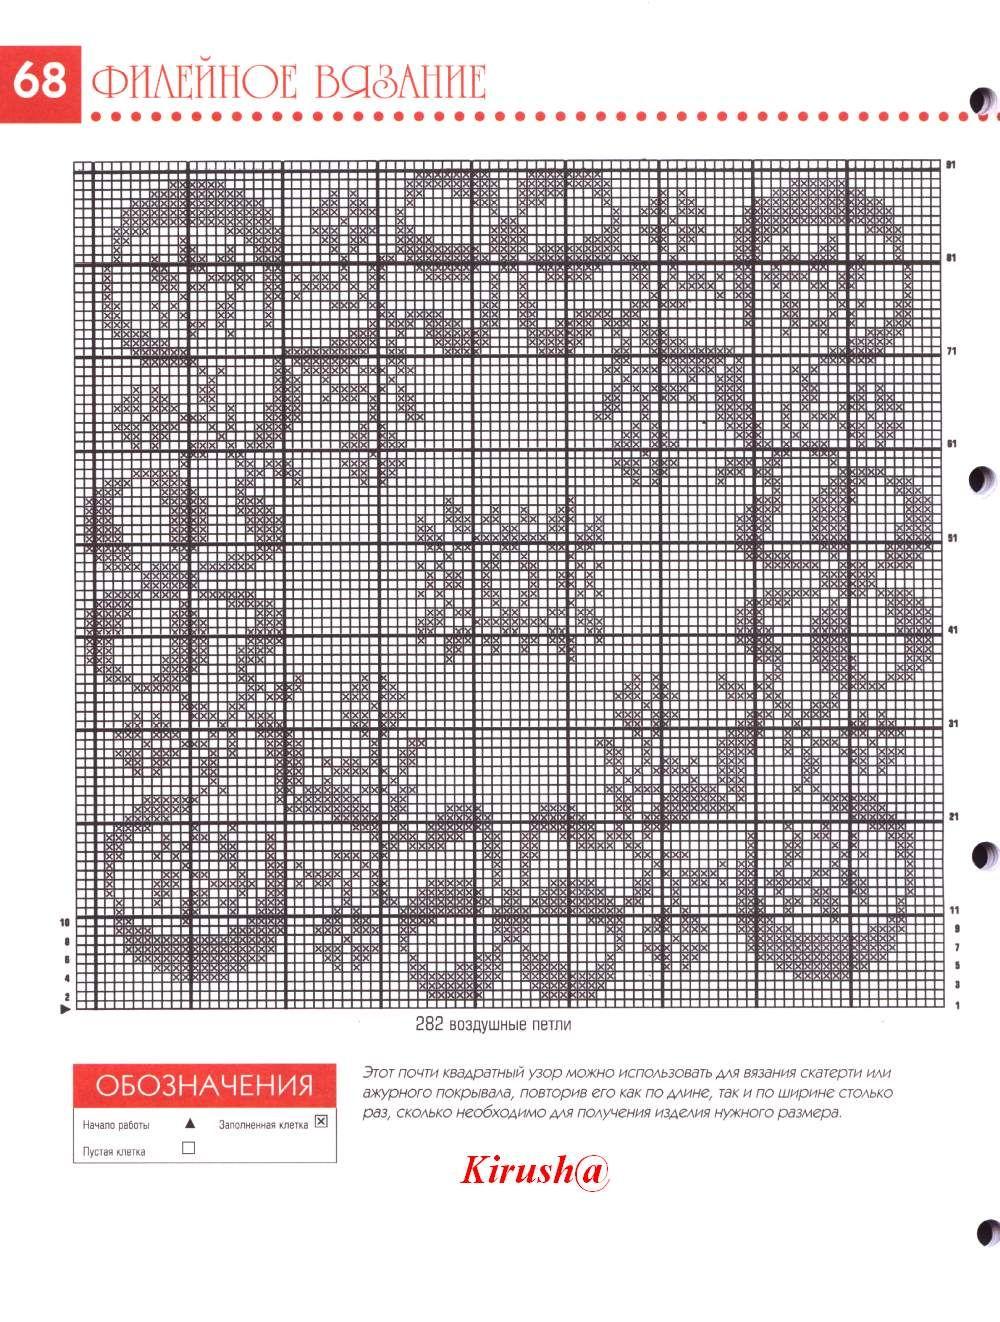 Tovaglietta quadrata con fiocchi schema filet uncinetto for Schemi tovaglie uncinetto filet